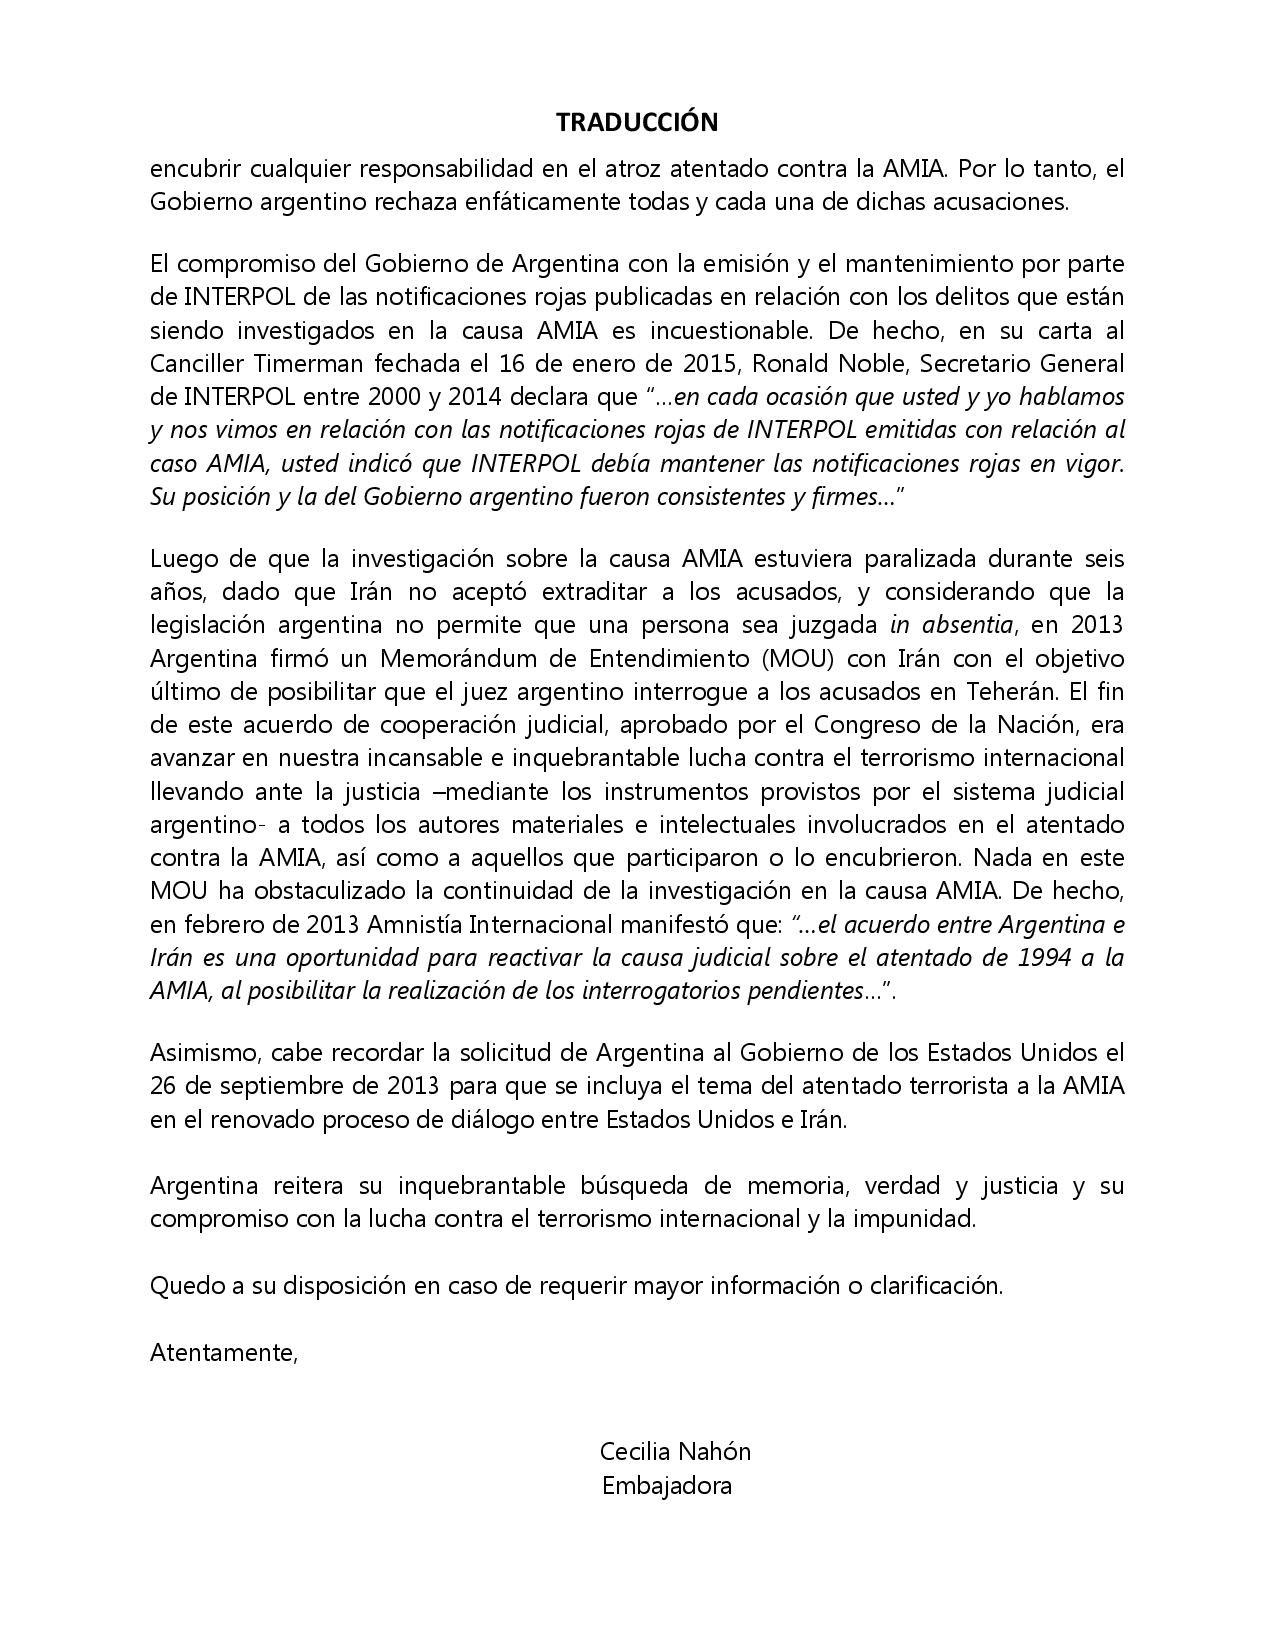 CartaaCongresistasEEUU28deenerode2015_versión final-page-002